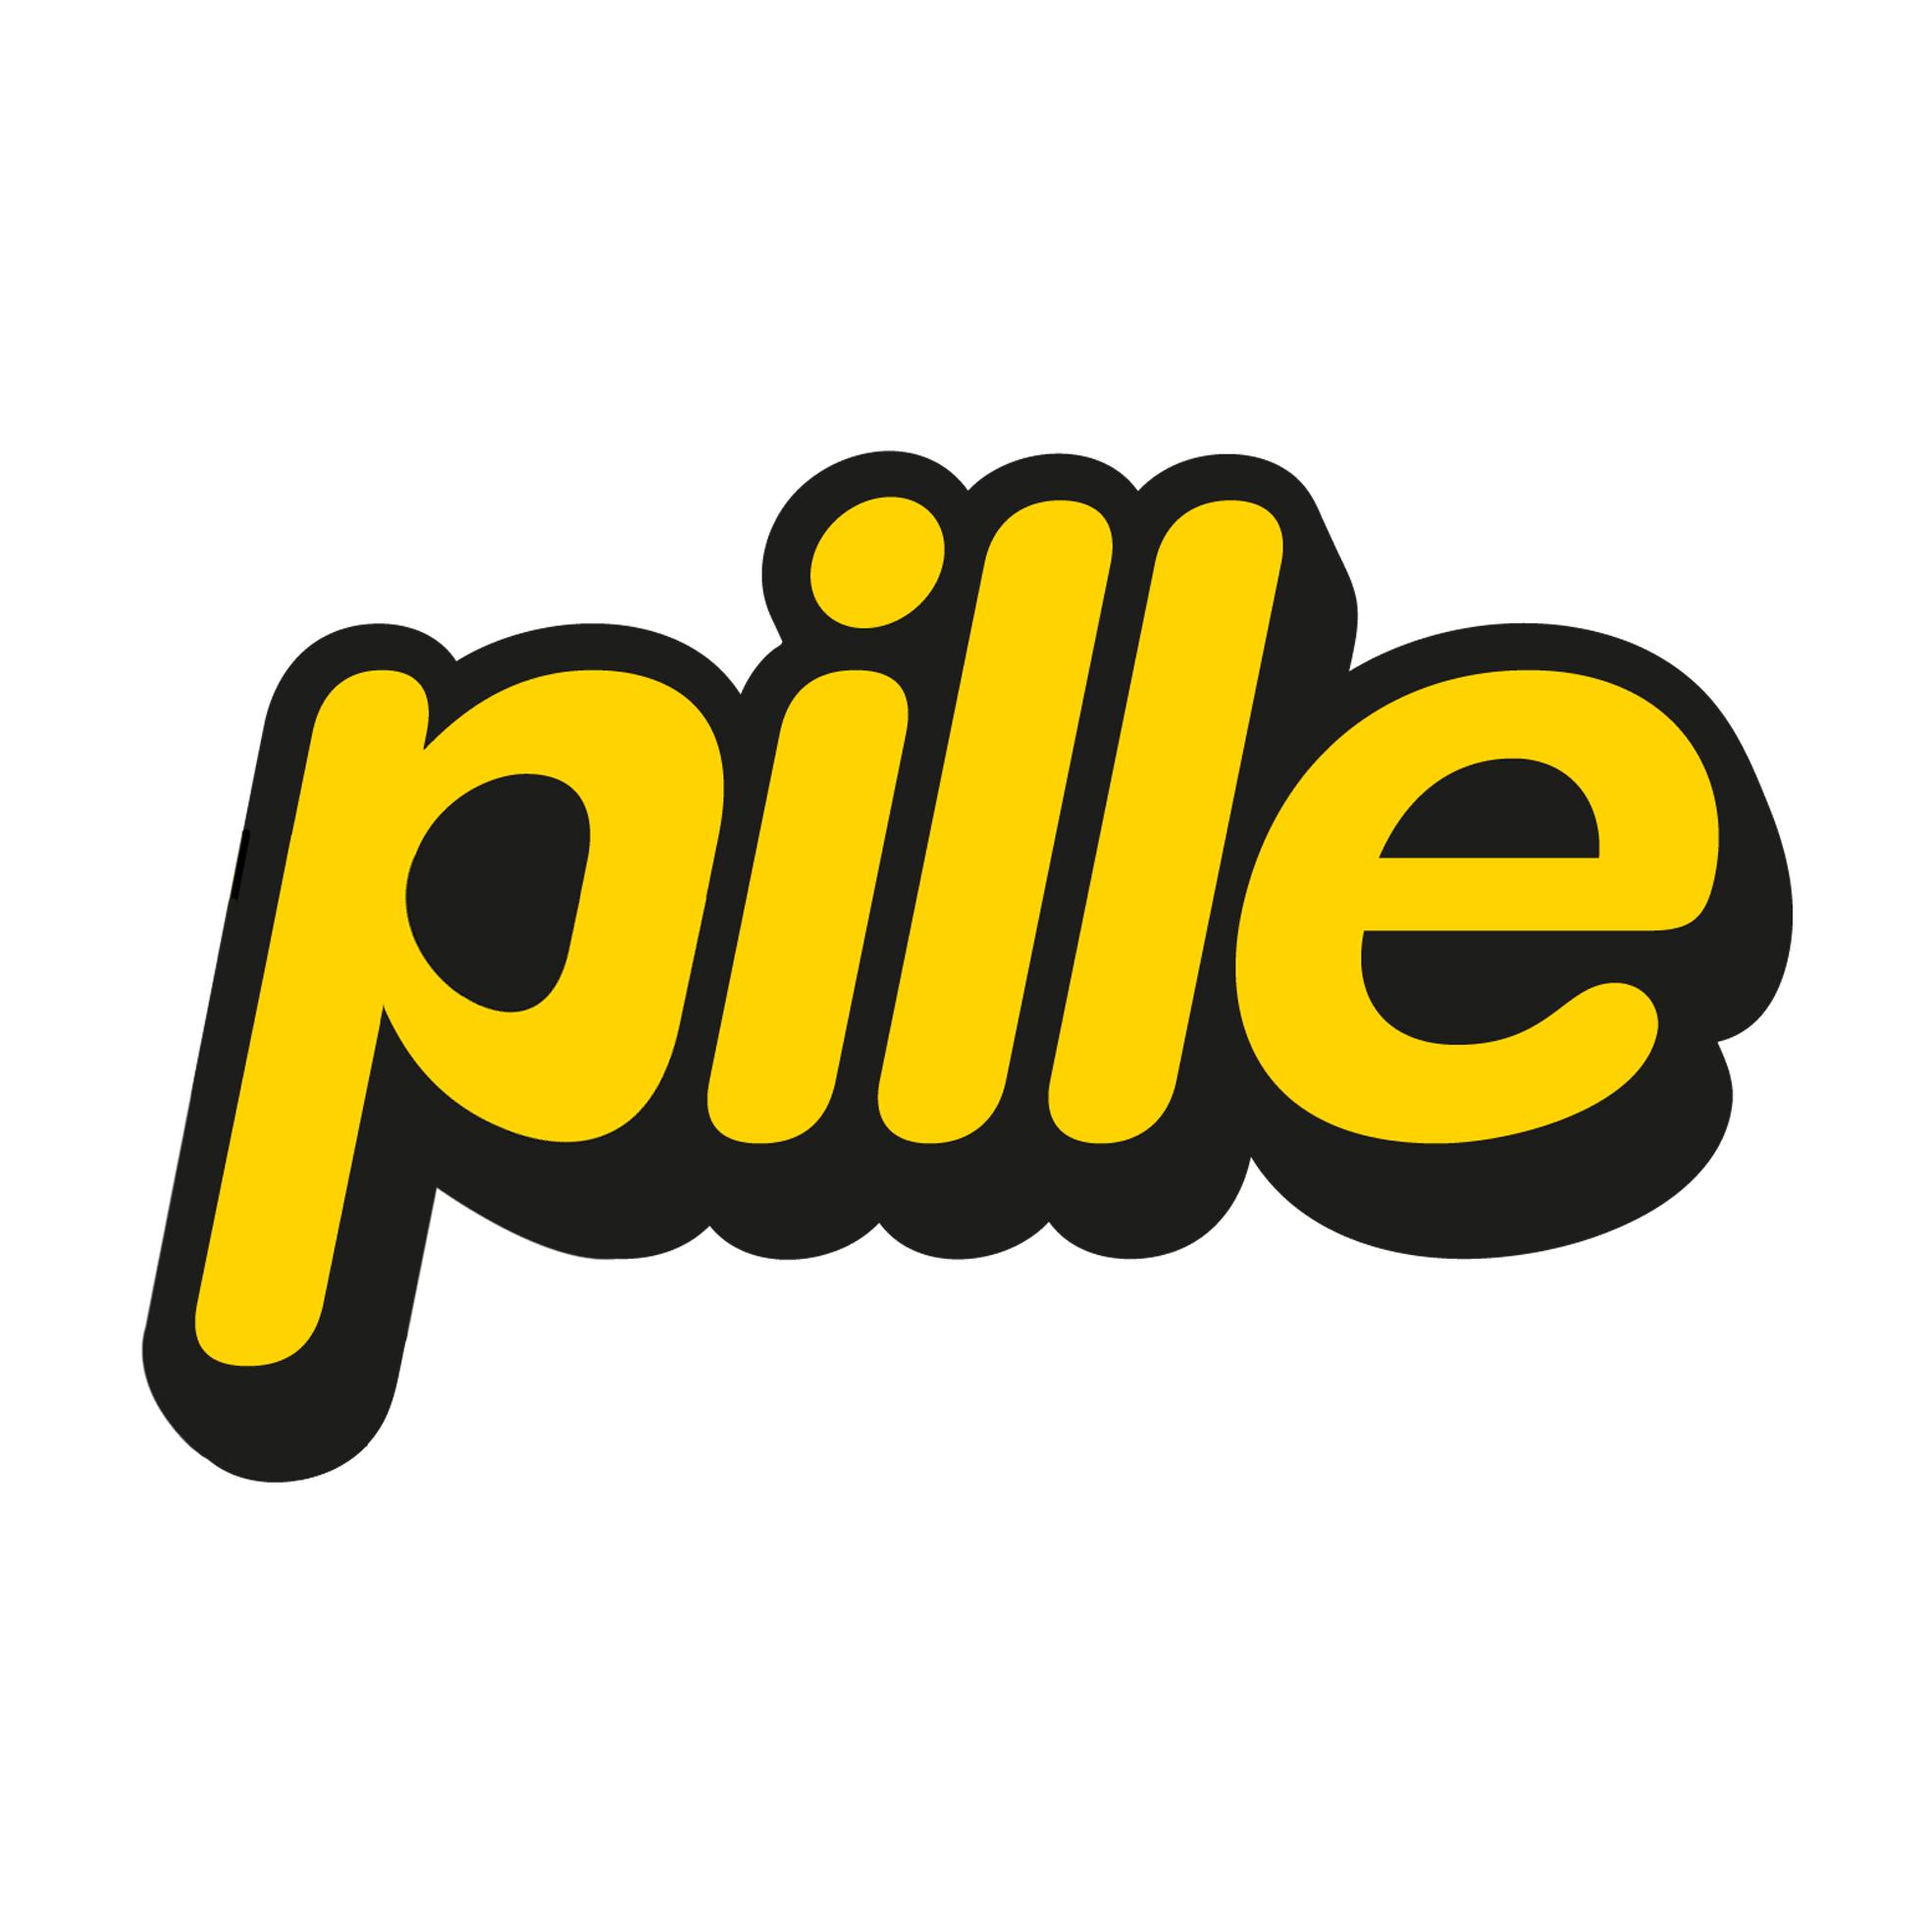 Pille.jpg